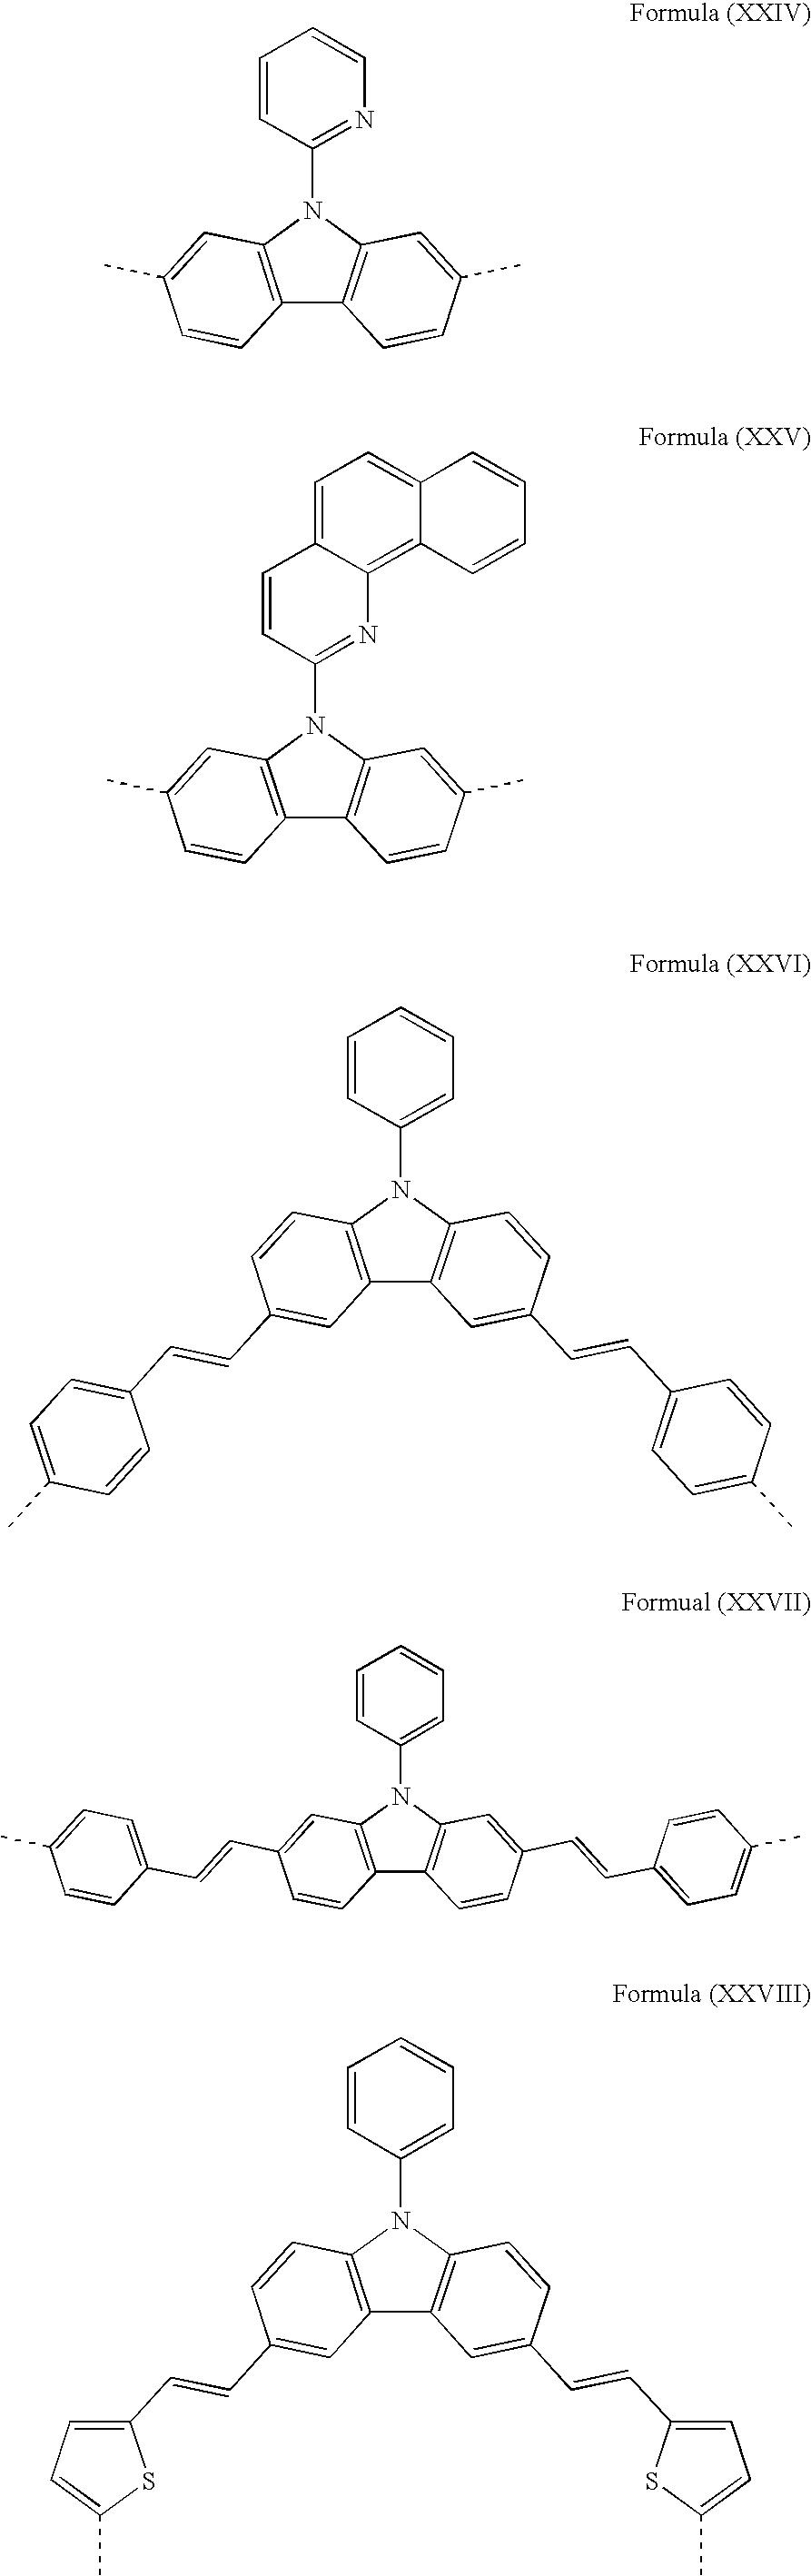 Figure US20060149022A1-20060706-C00010